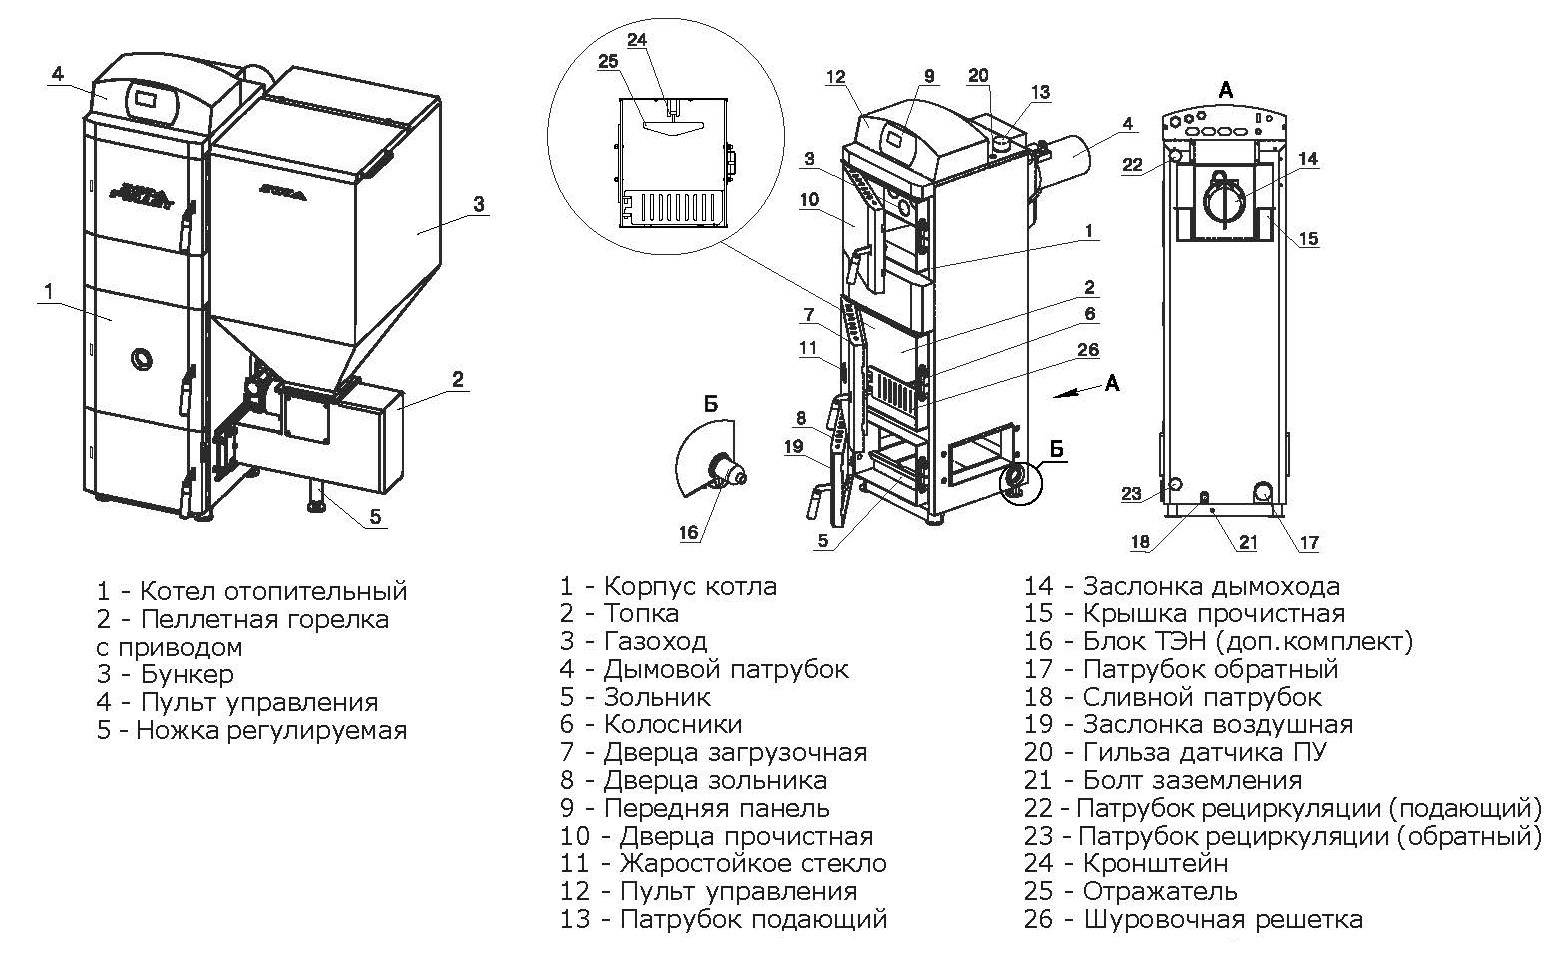 Пеллетный котел зота: обзор, отзывы, характеристики